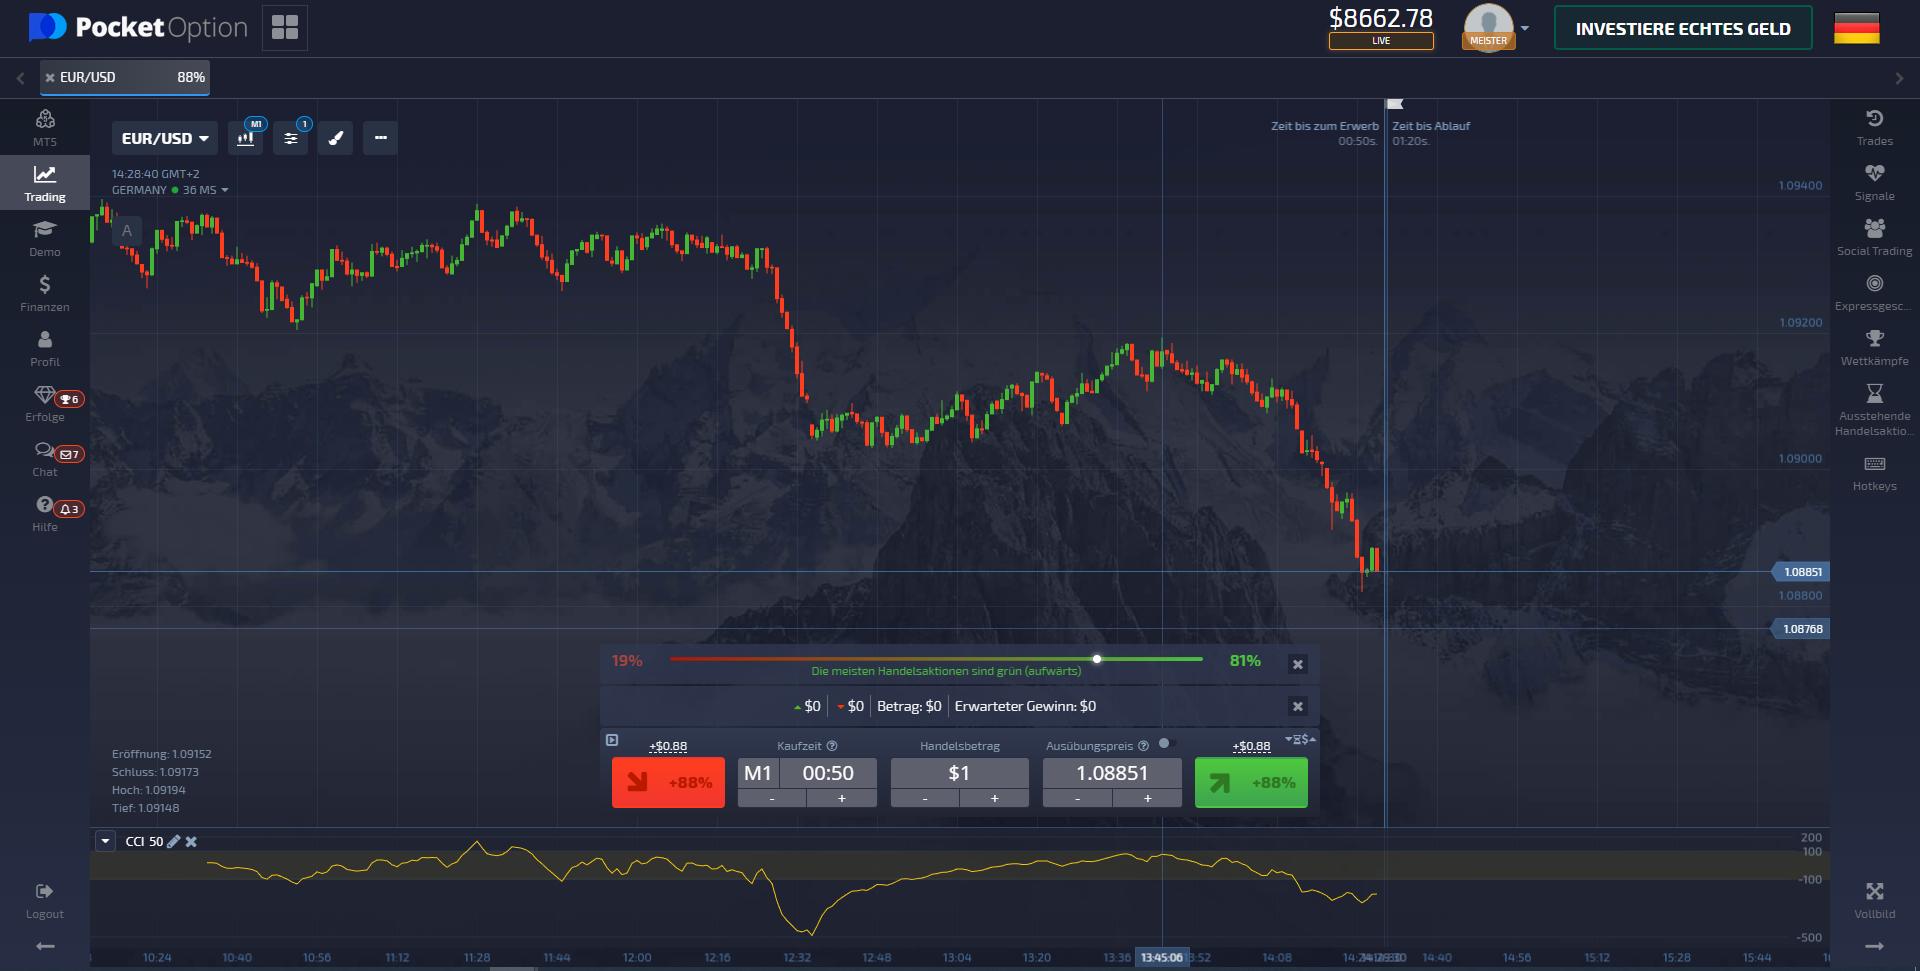 Screenshot der Pocket Option Handelsplattform